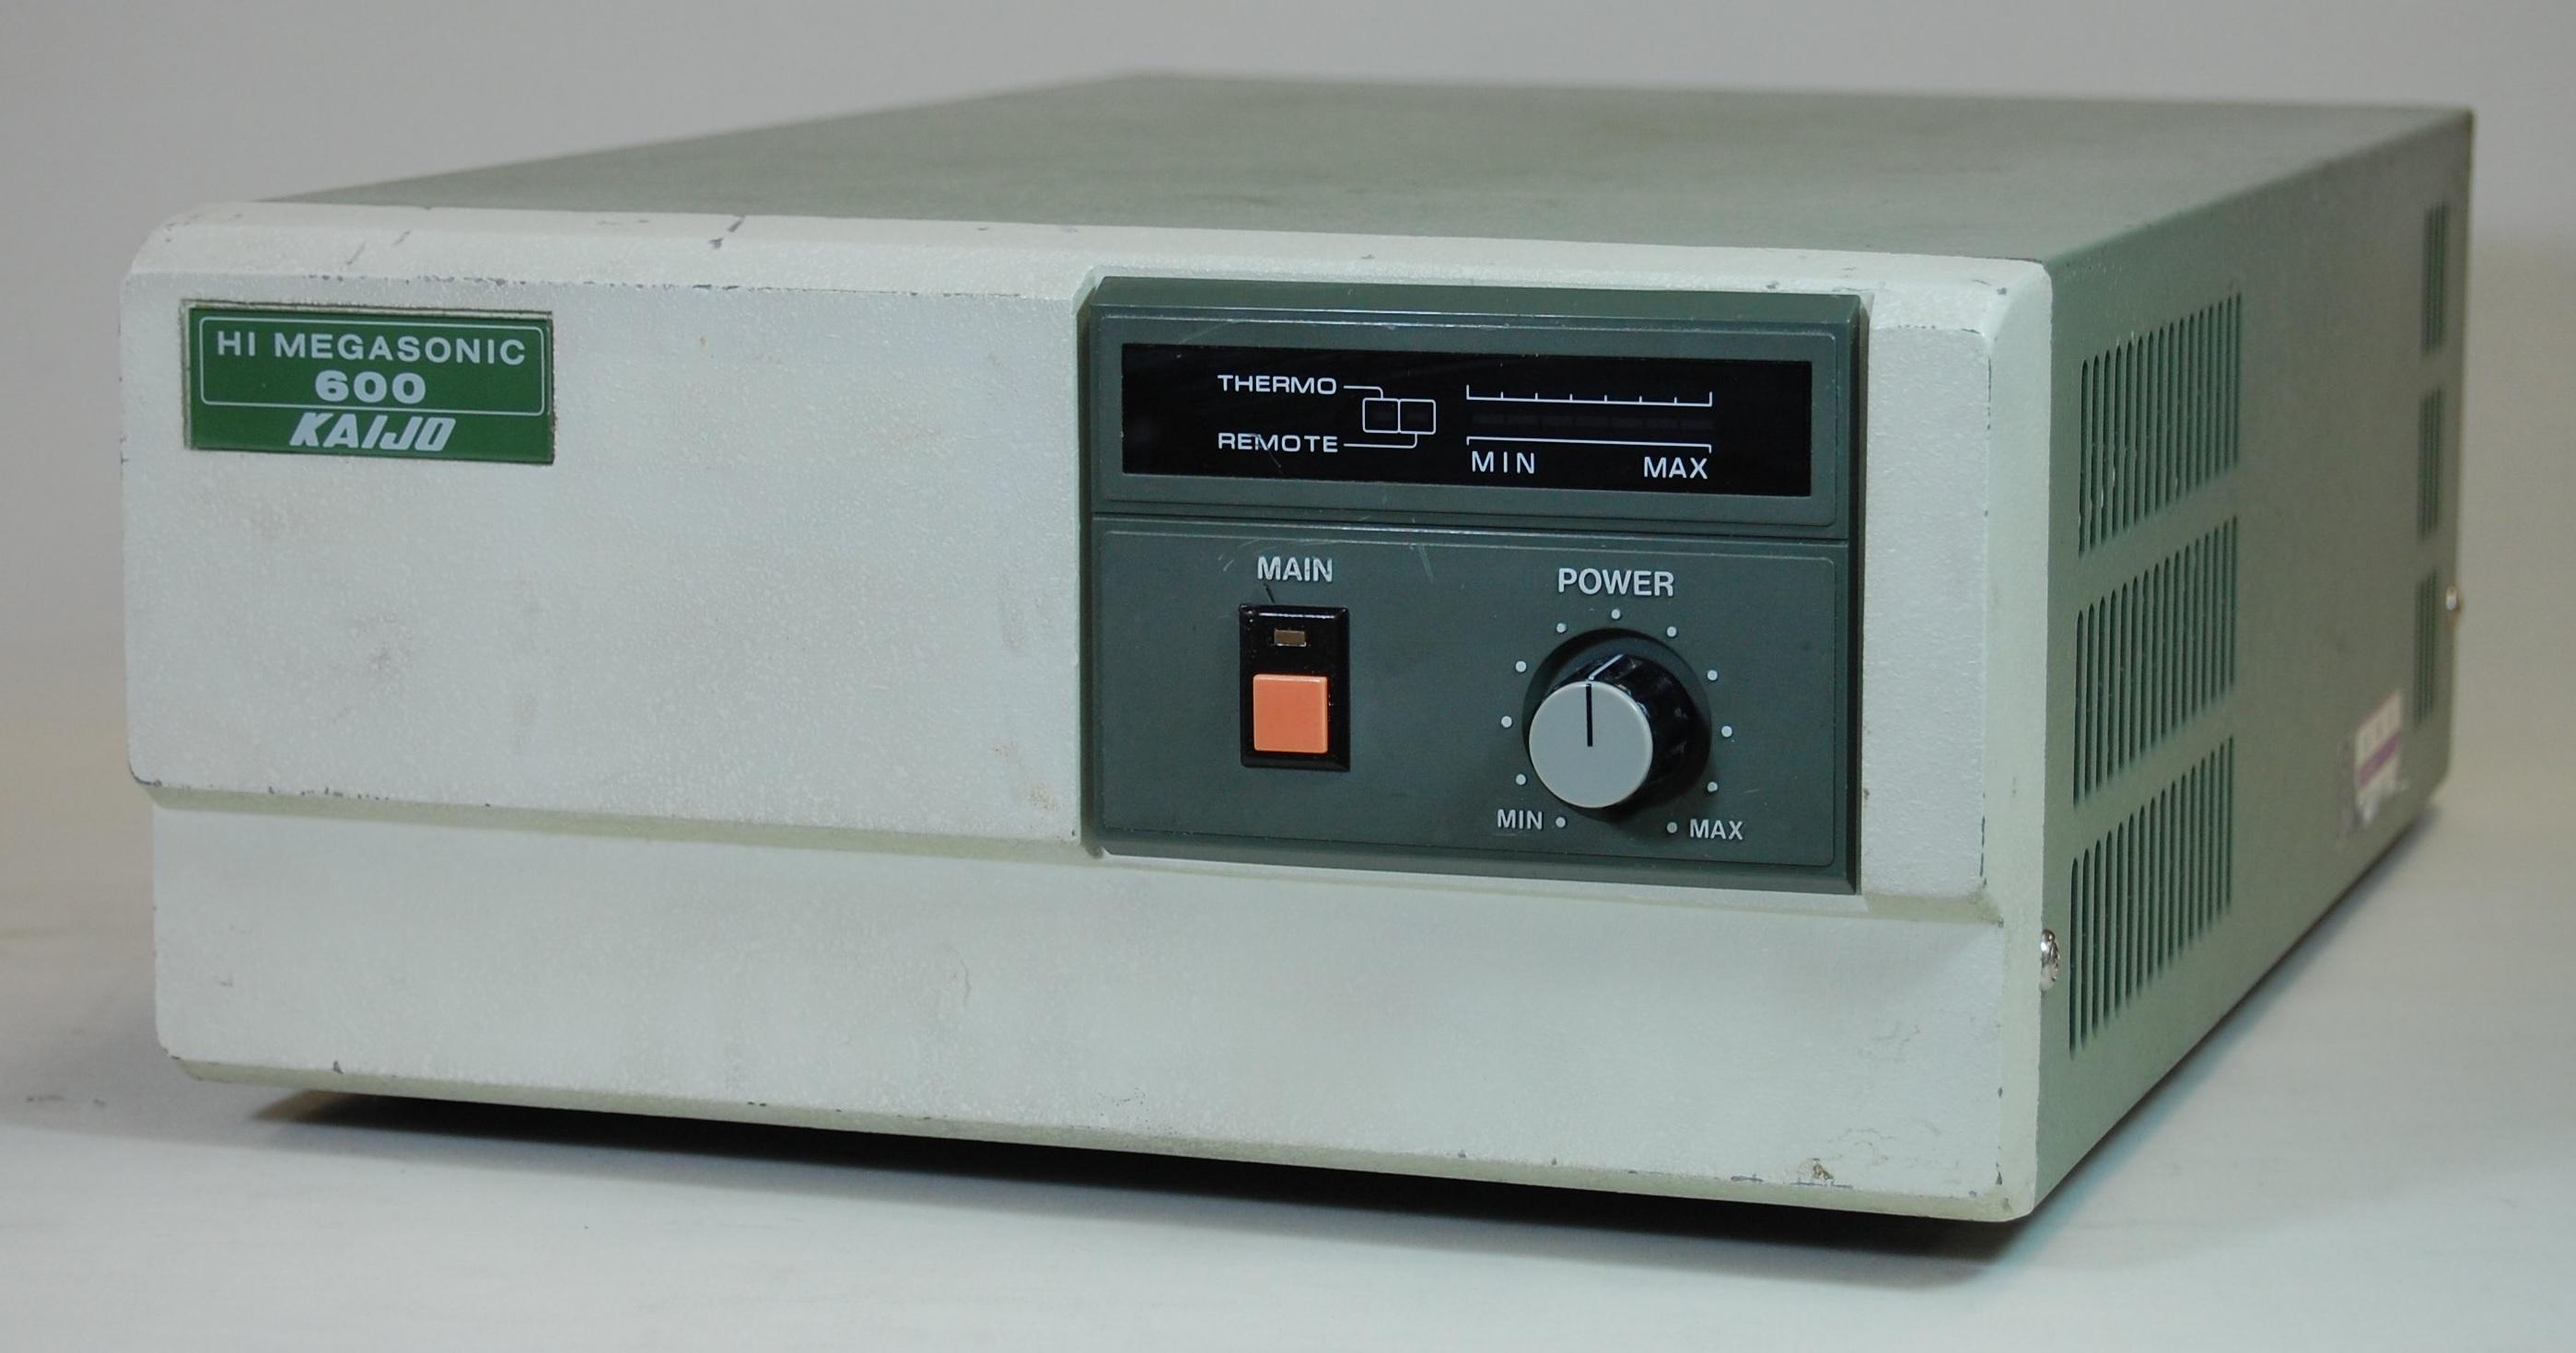 【展示室】展示機器の紹介 ハイメガソニックシリーズ6848型発振器